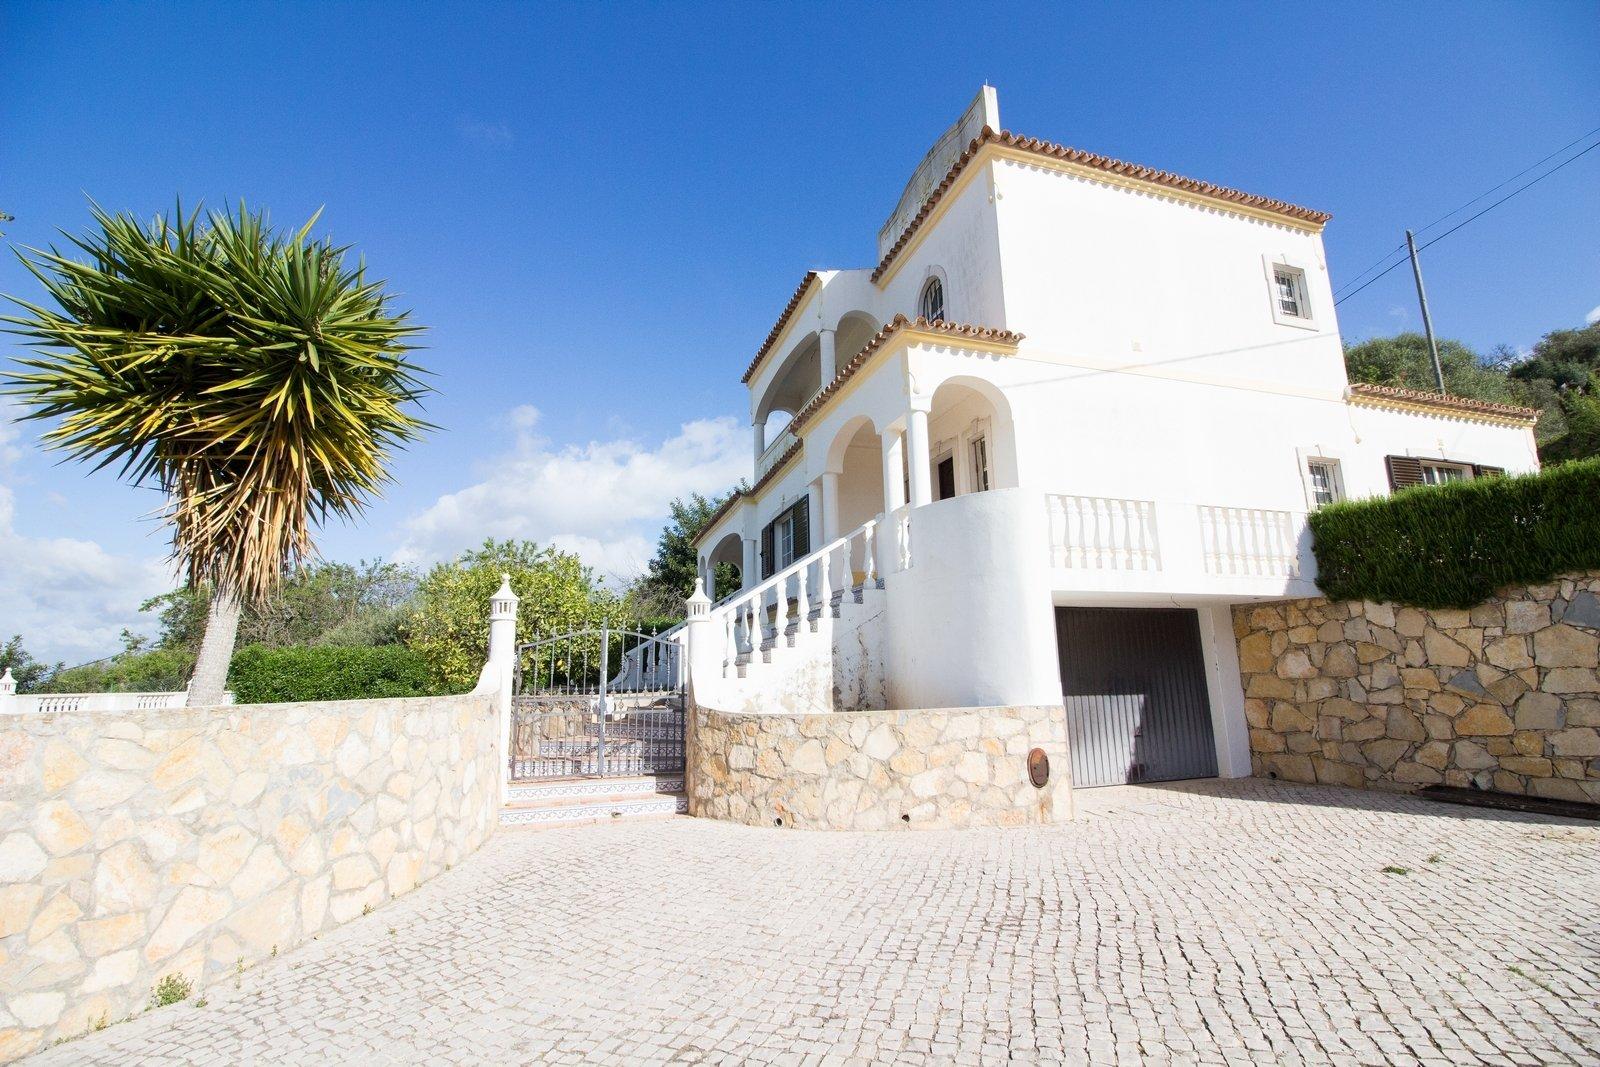 4 Bedroom Villa Boliqueime, Central Algarve Ref: PV3347